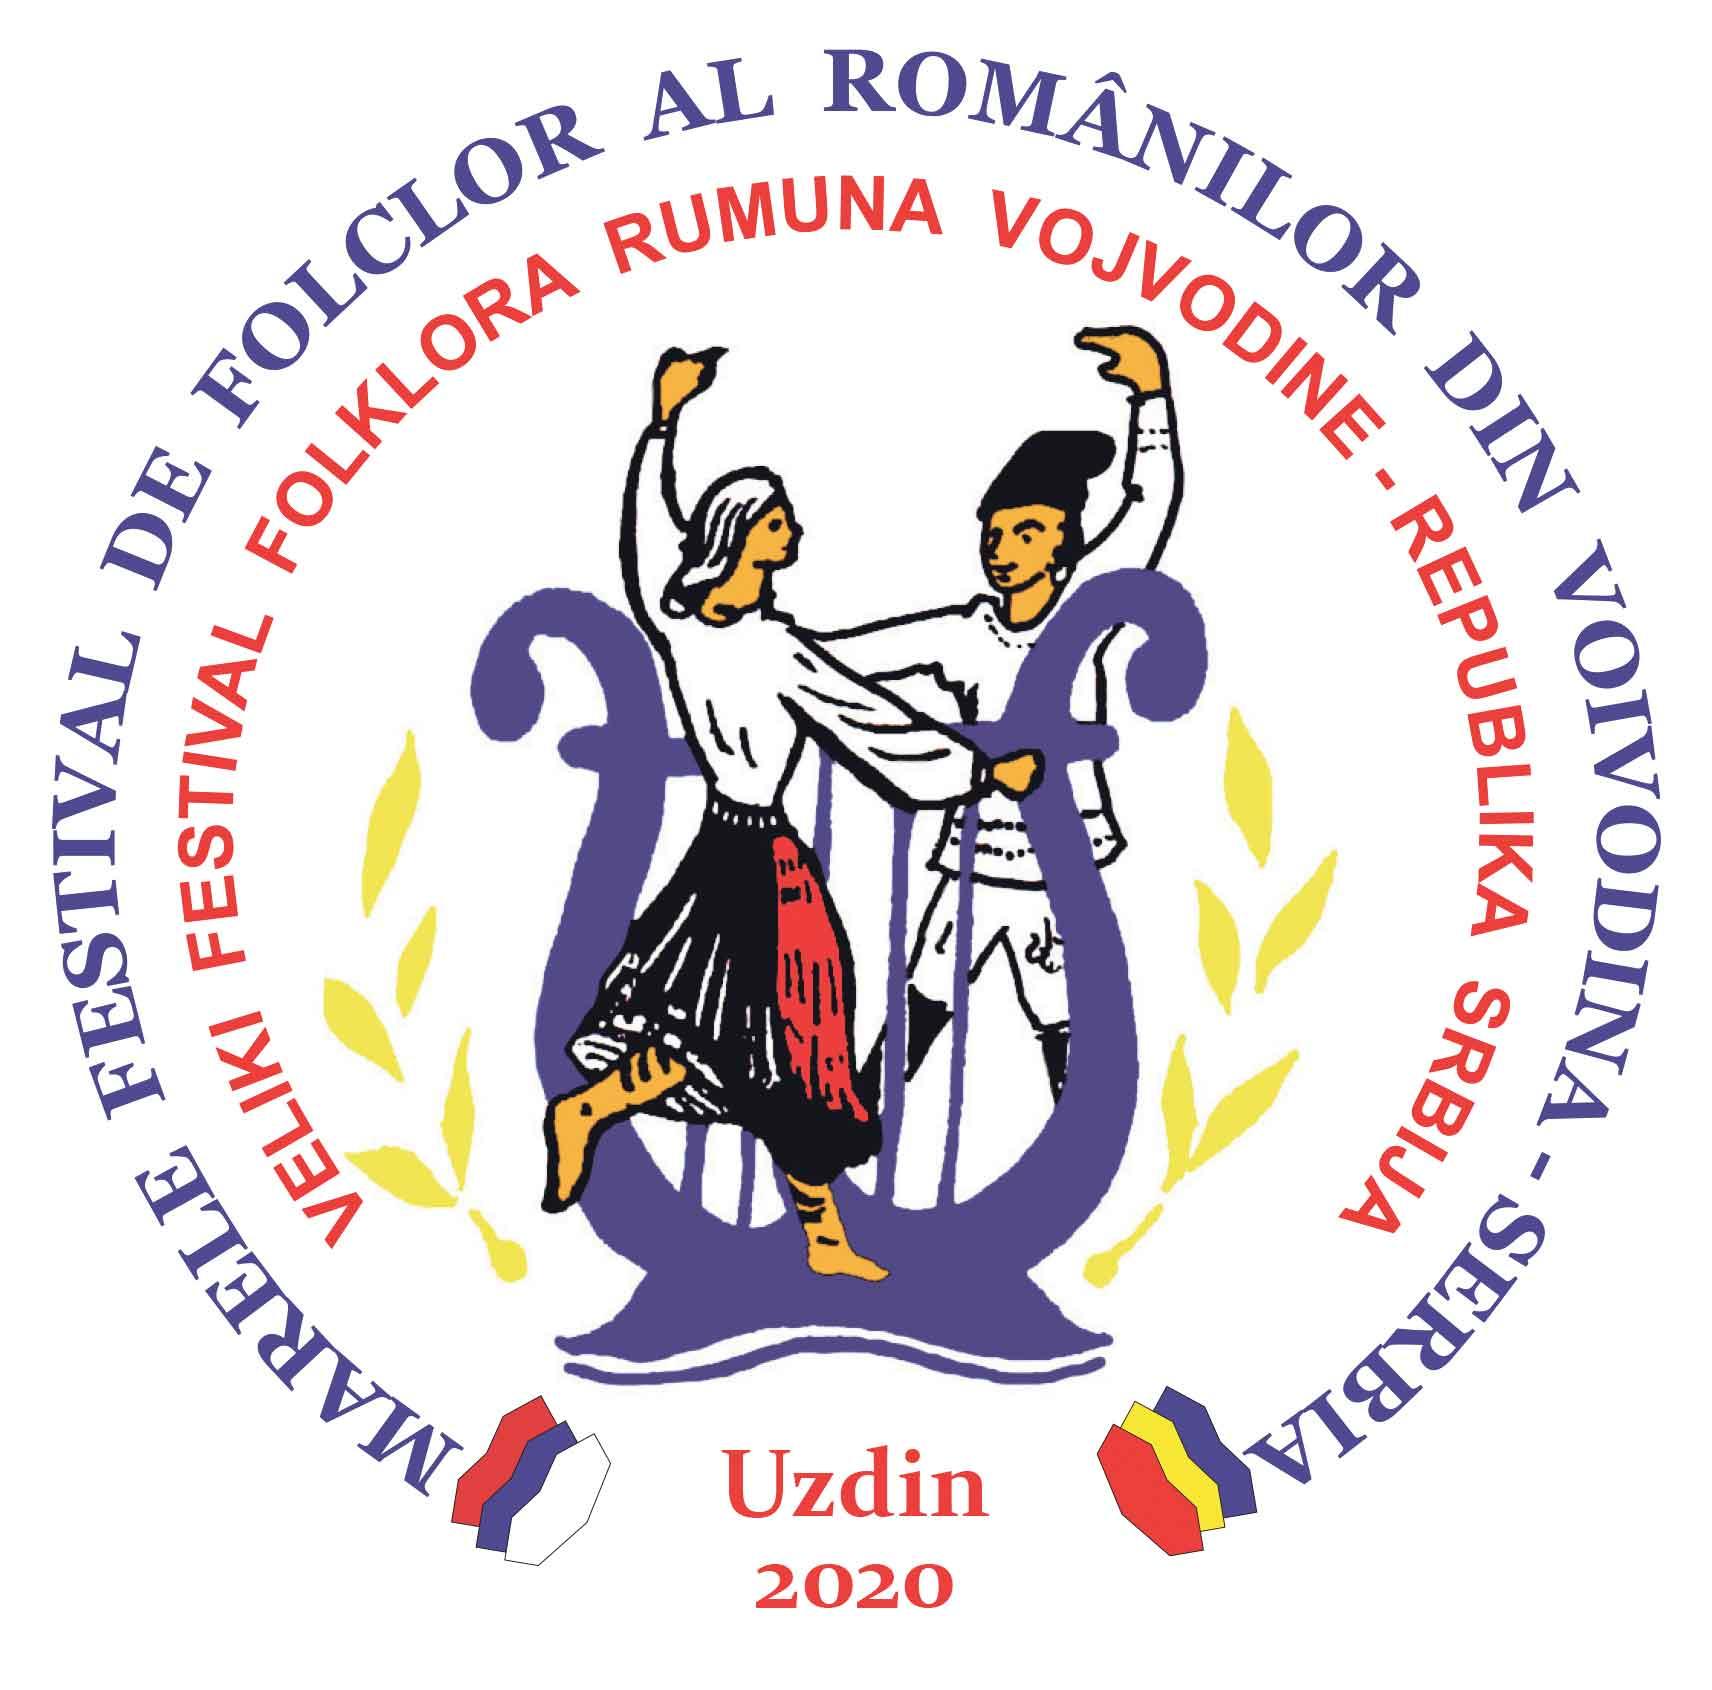 Consiliul Executiv al Marelui Festival de Folclor al Românilor din Voivodina-Serbia anunţă:  CONCURS